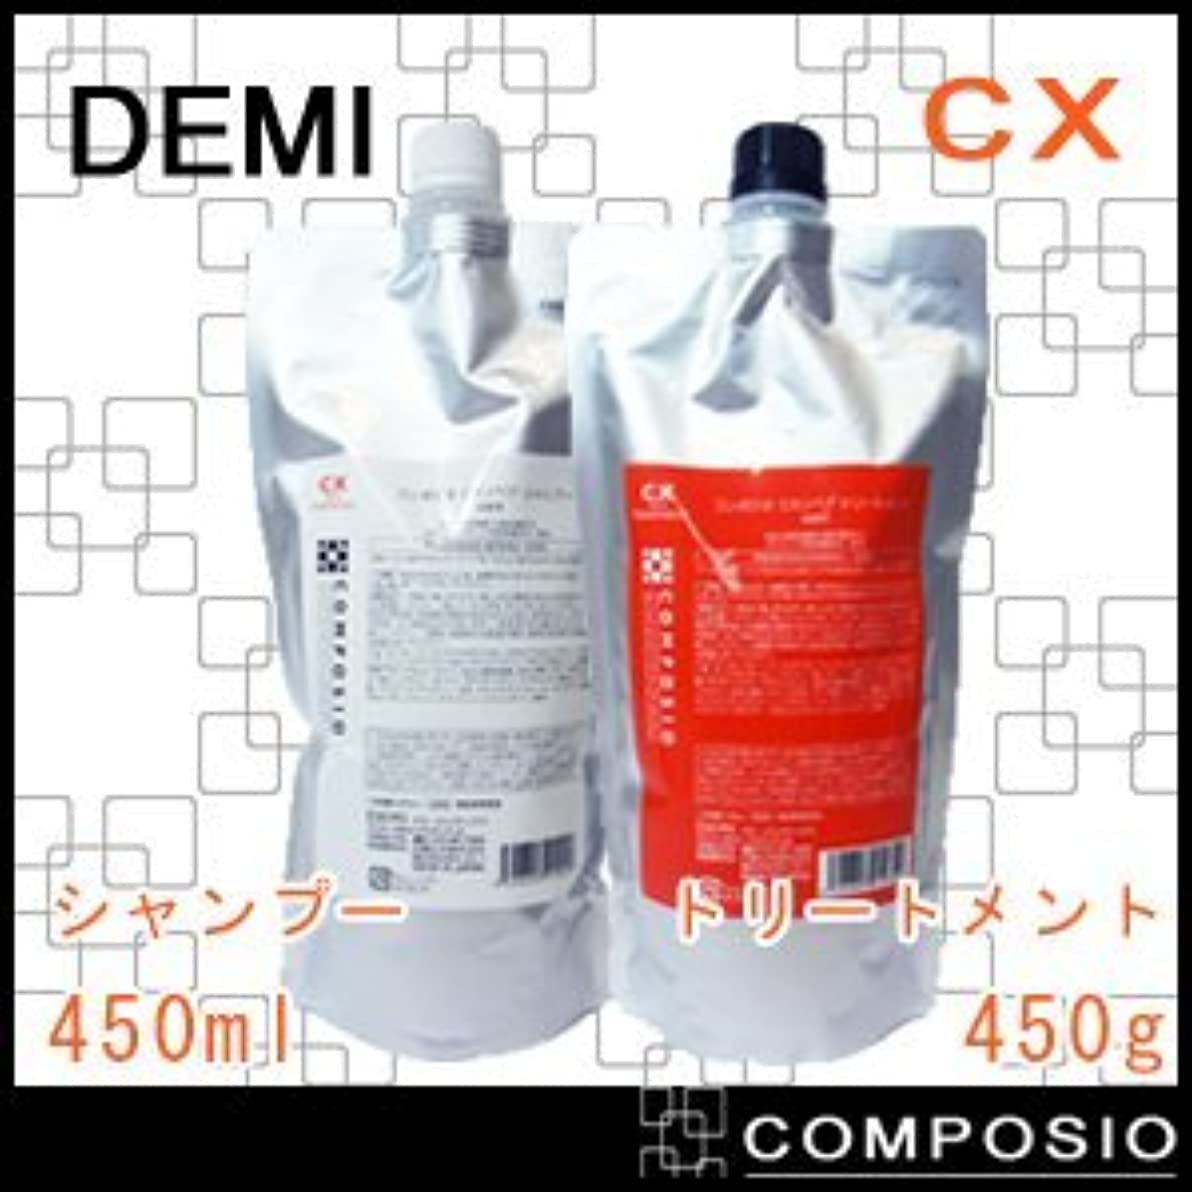 相談するフルーツ野菜修正するデミ コンポジオ CXリペアシャンプー&トリートメント 詰め替え セット 450ml,450g